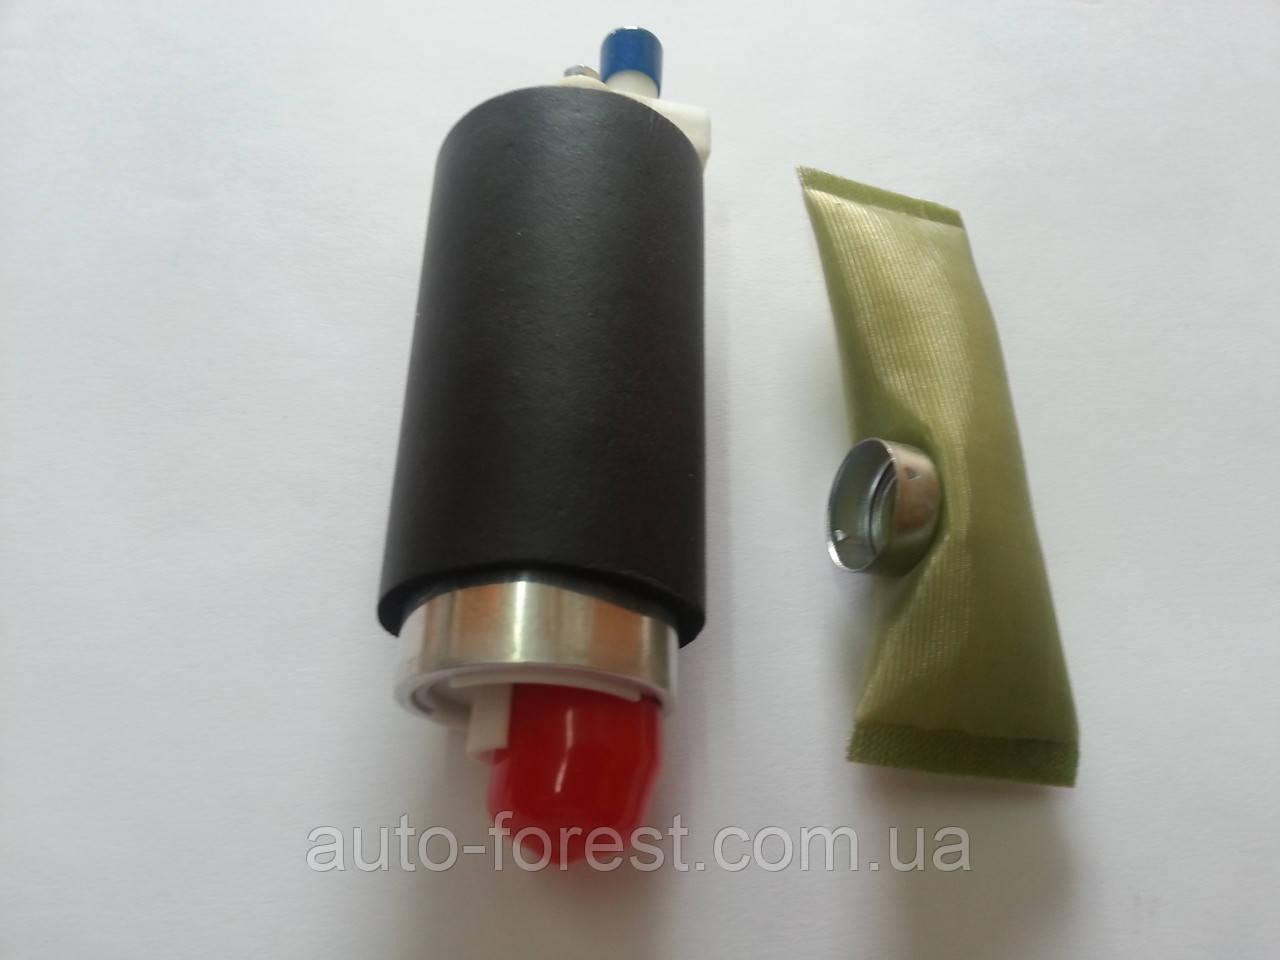 opel 0815008 - топливный насос характеристики